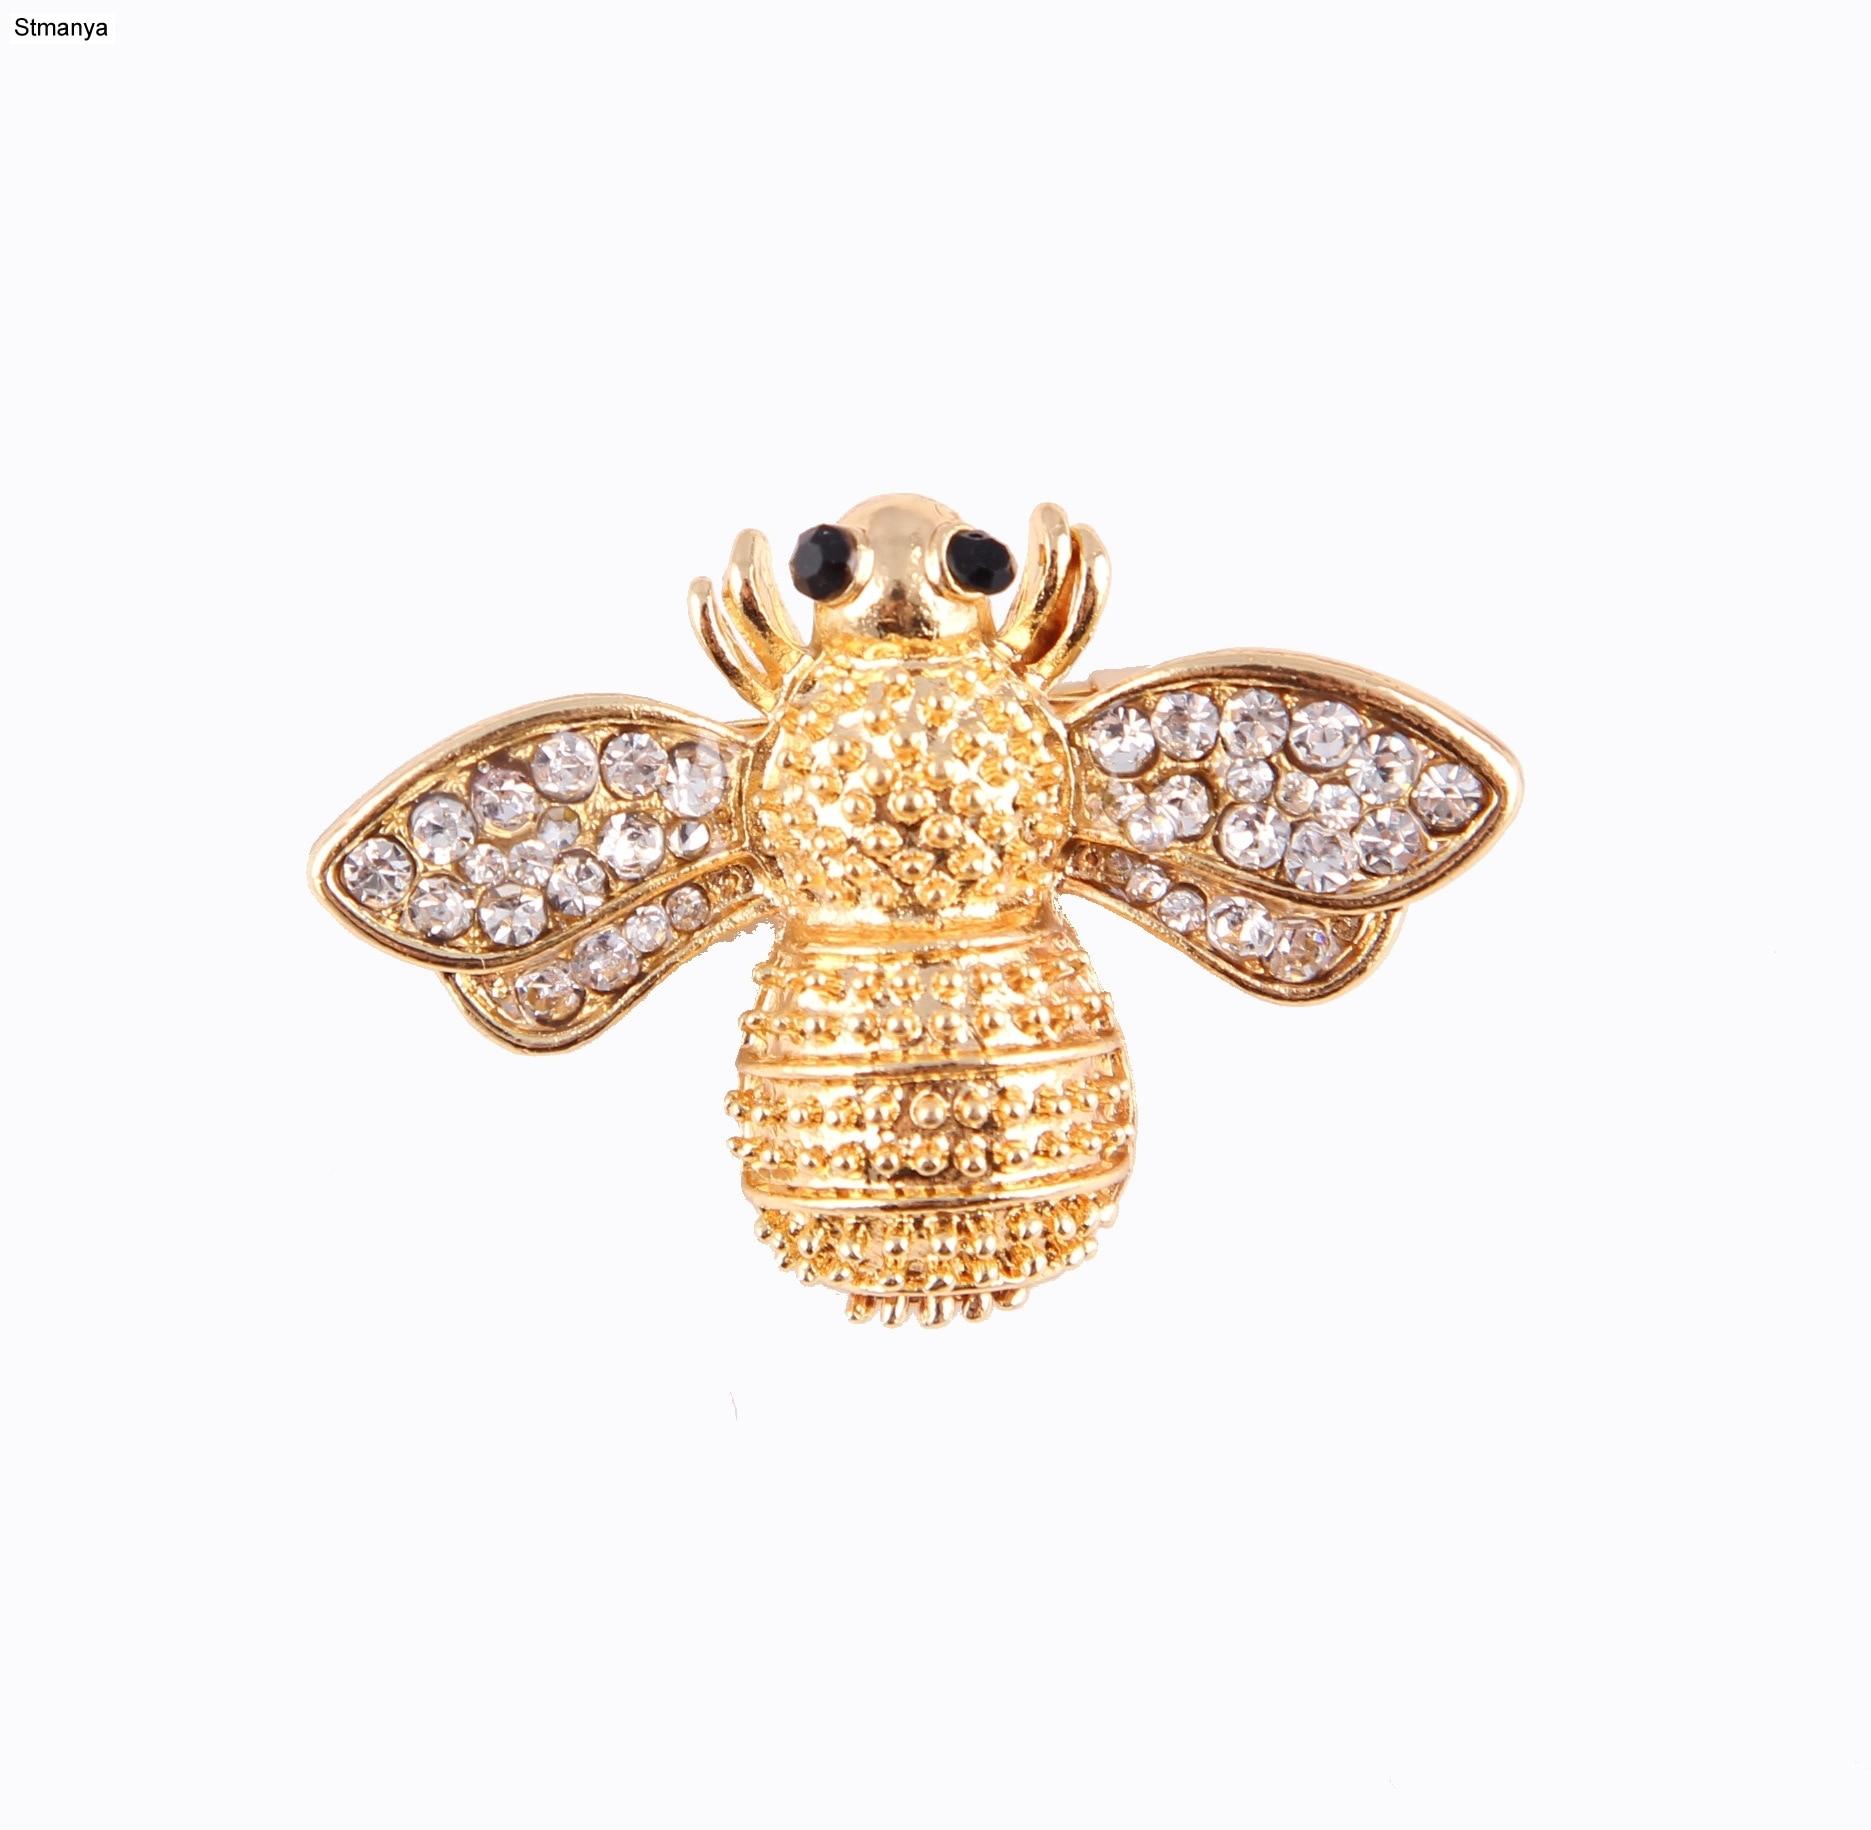 Moda Strass pequena abelha Bonito pin broche Mulheres homens Cachecol Xale Fivela H1087 broches Presente da jóia Por Atacado